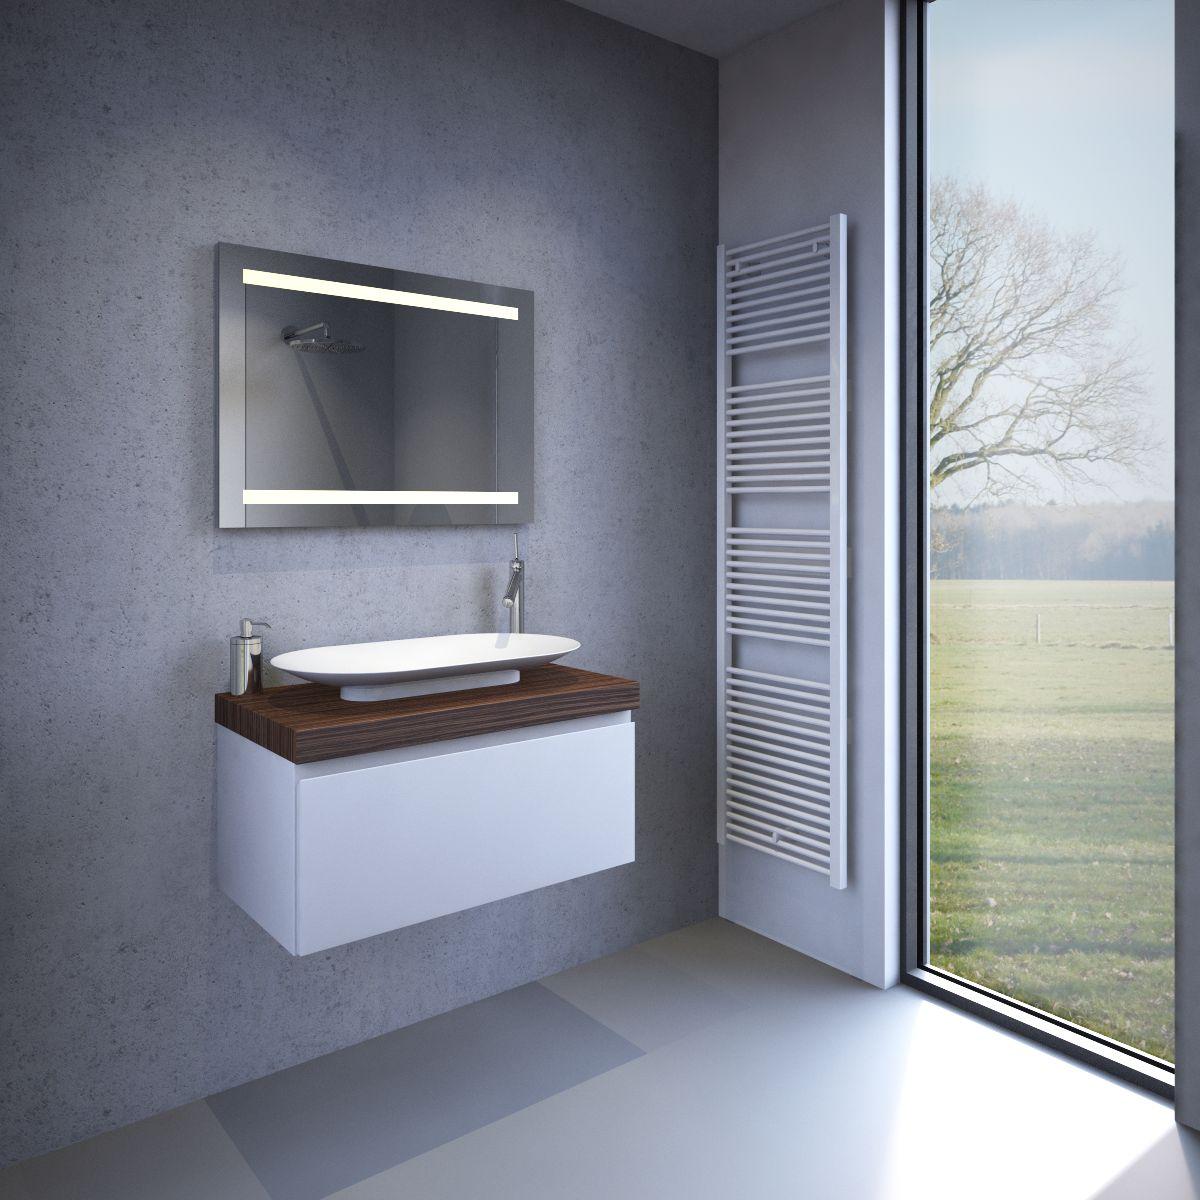 verwarmde badkamer led spiegel met sensor 80x60 cm designspiegels. Black Bedroom Furniture Sets. Home Design Ideas